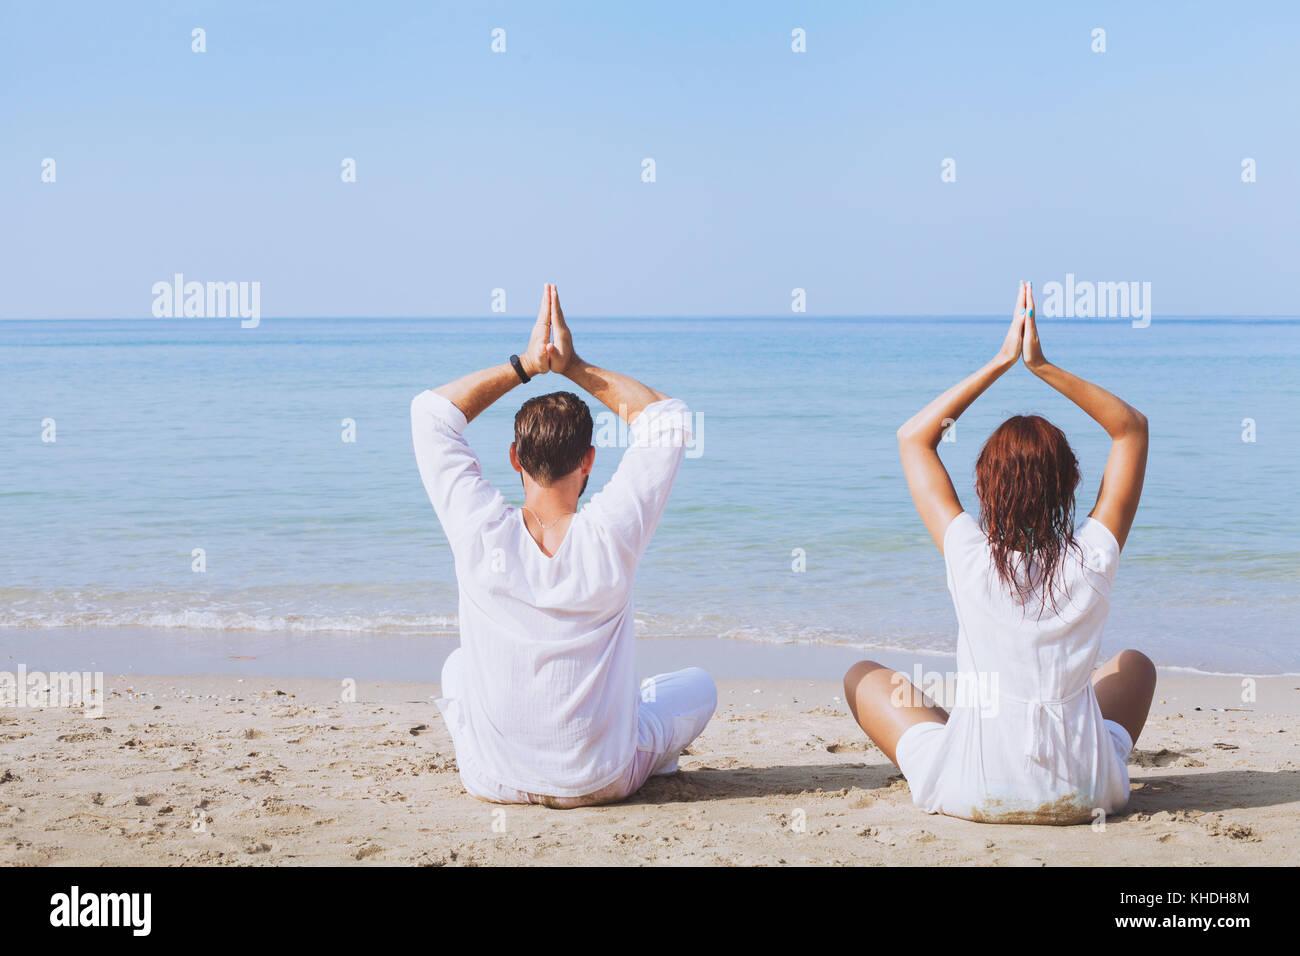 Yoga en la playa, dos personas en ropa blanca practicando meditación, fondo de estilo de vida saludable Imagen De Stock